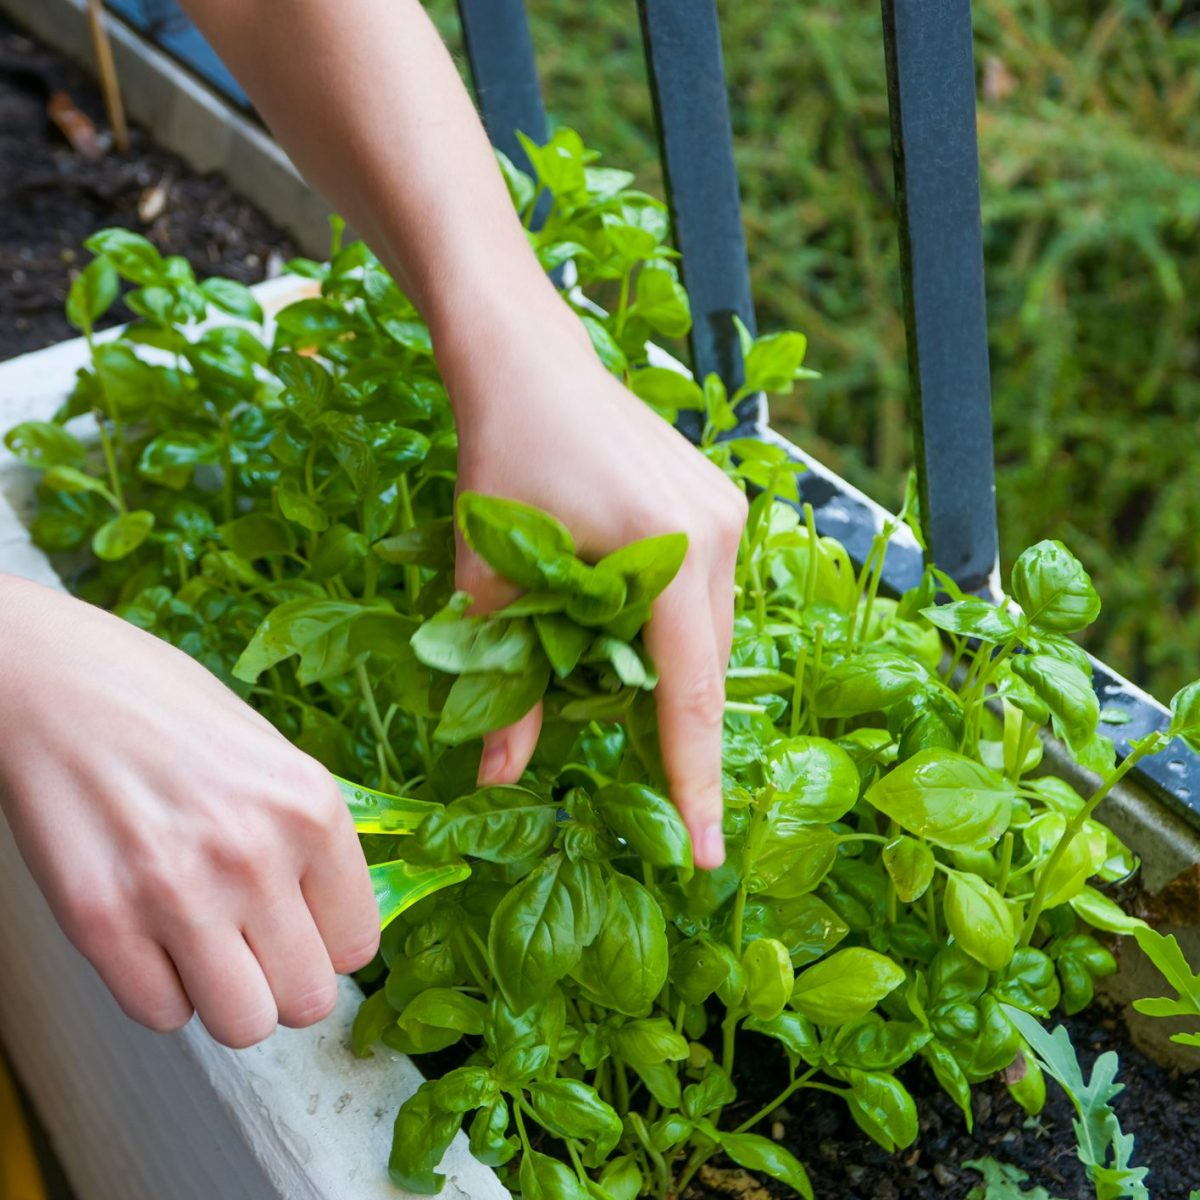 Coltivare In Casa Piante Aromatiche come coltivare le erbe aromatiche in balcone: i consigli per